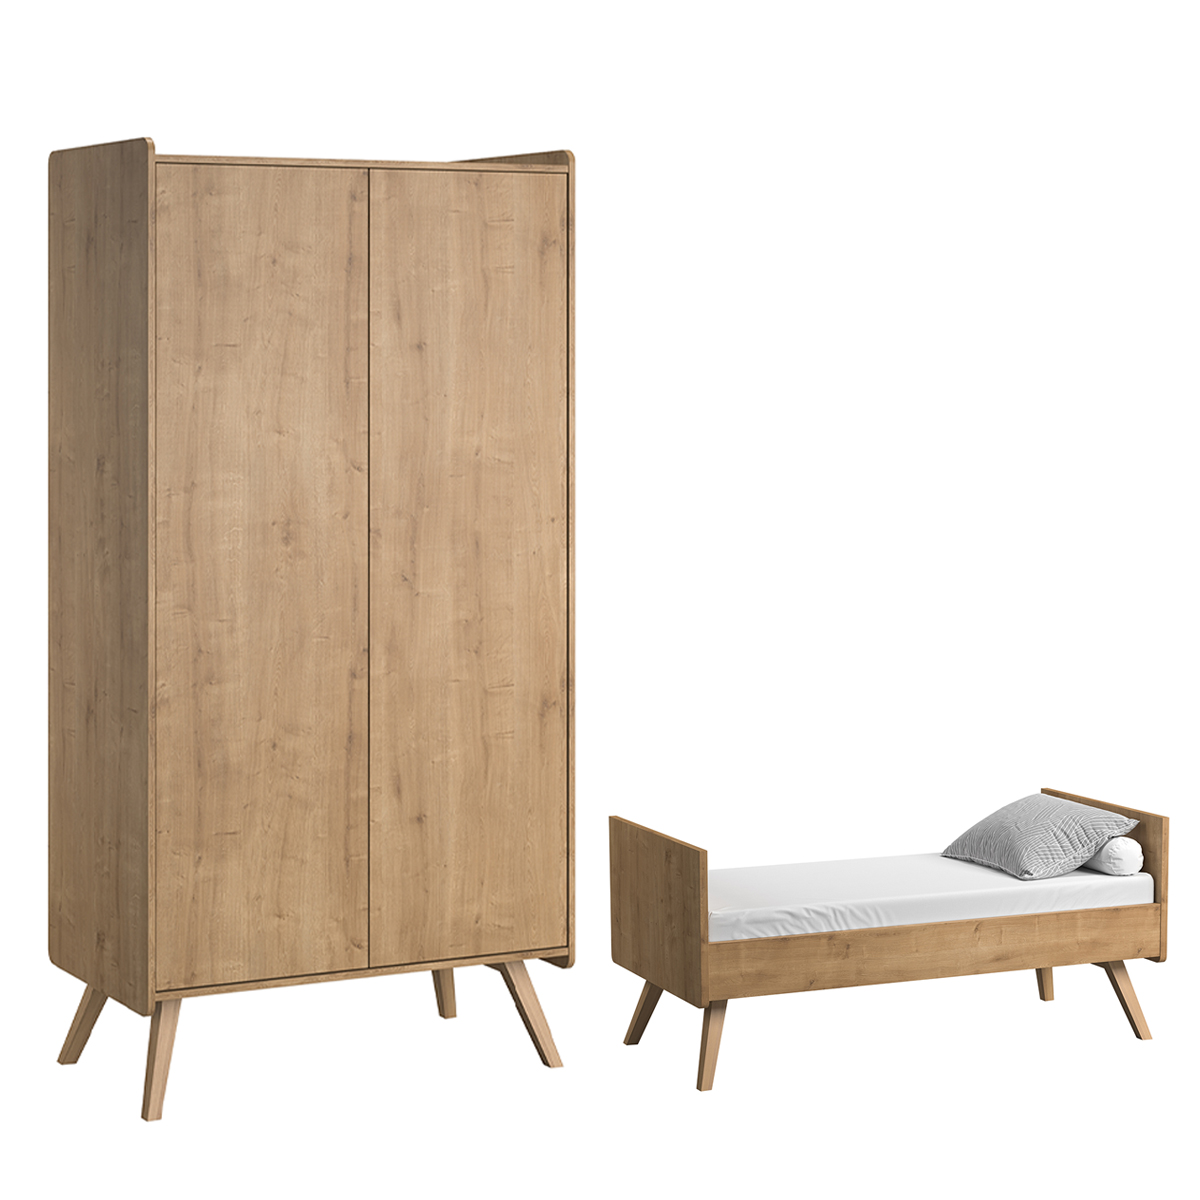 Lit évolutif 70x140 et armoire 2 portes Vox Vintage - Bois